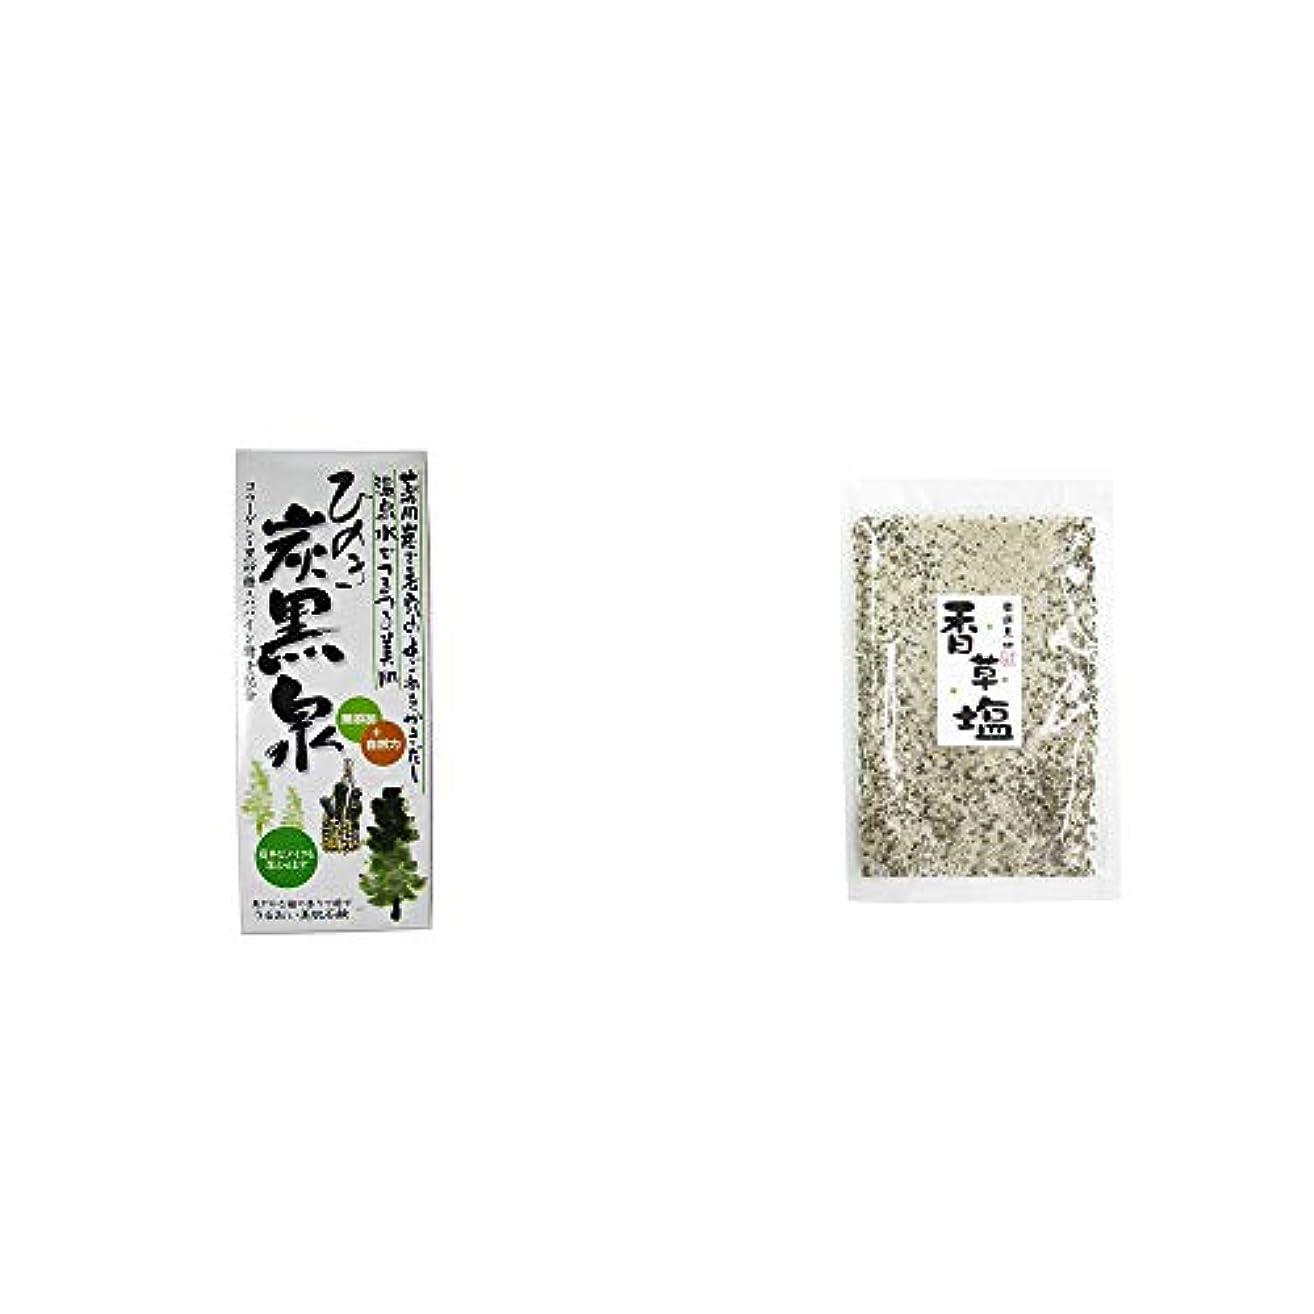 ブラインドどれこしょう[2点セット] ひのき炭黒泉 箱入り(75g×3)?香草塩 [袋タイプ](100g)